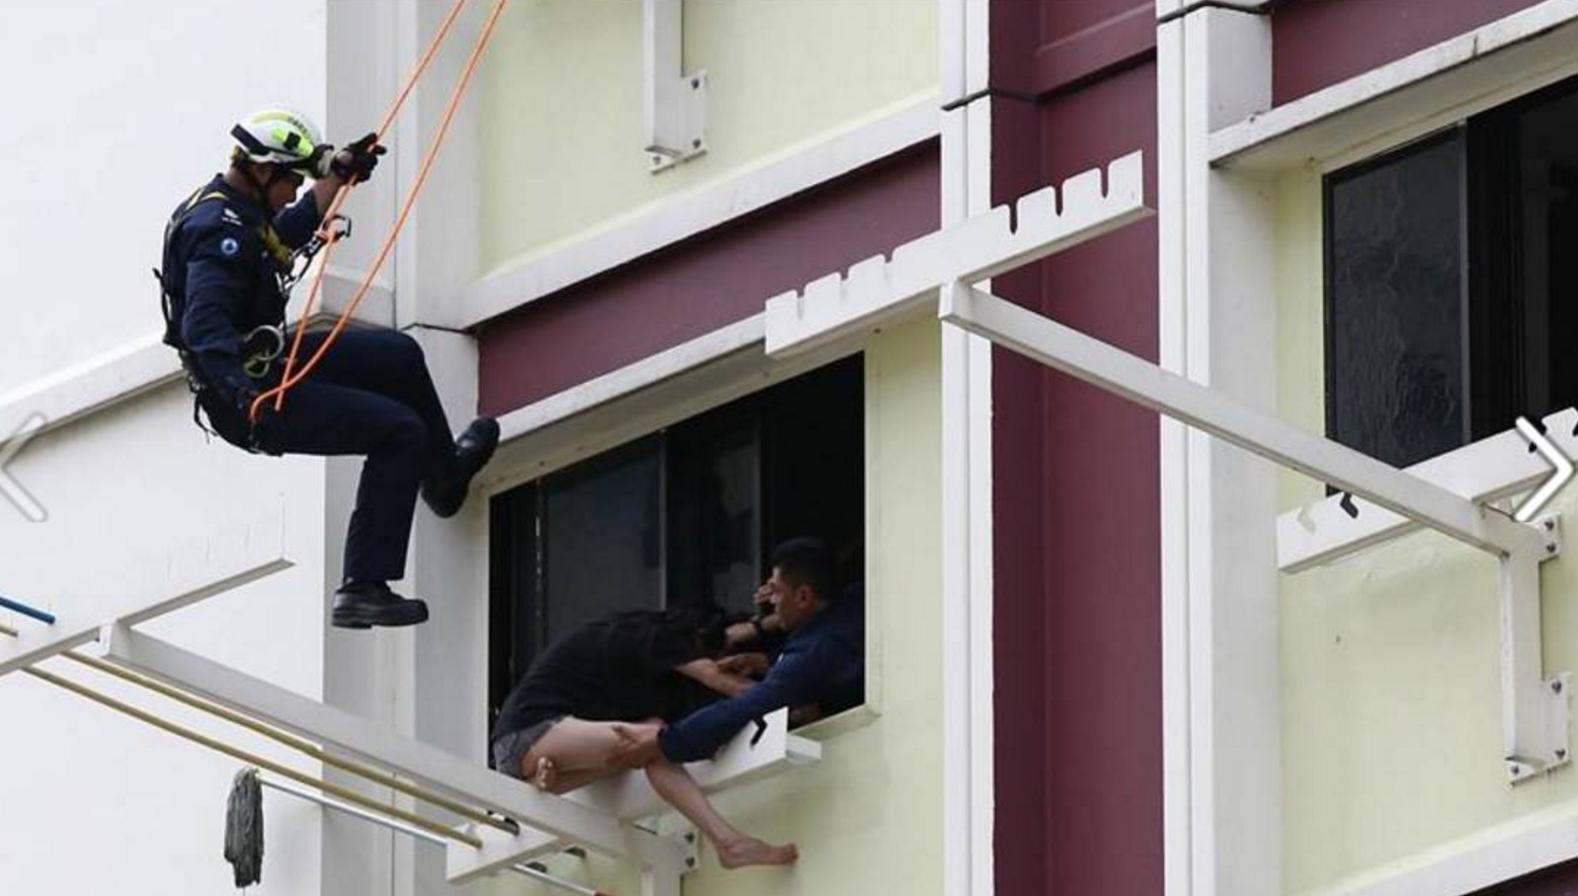 シンガポールHDBの6階で自殺未遂